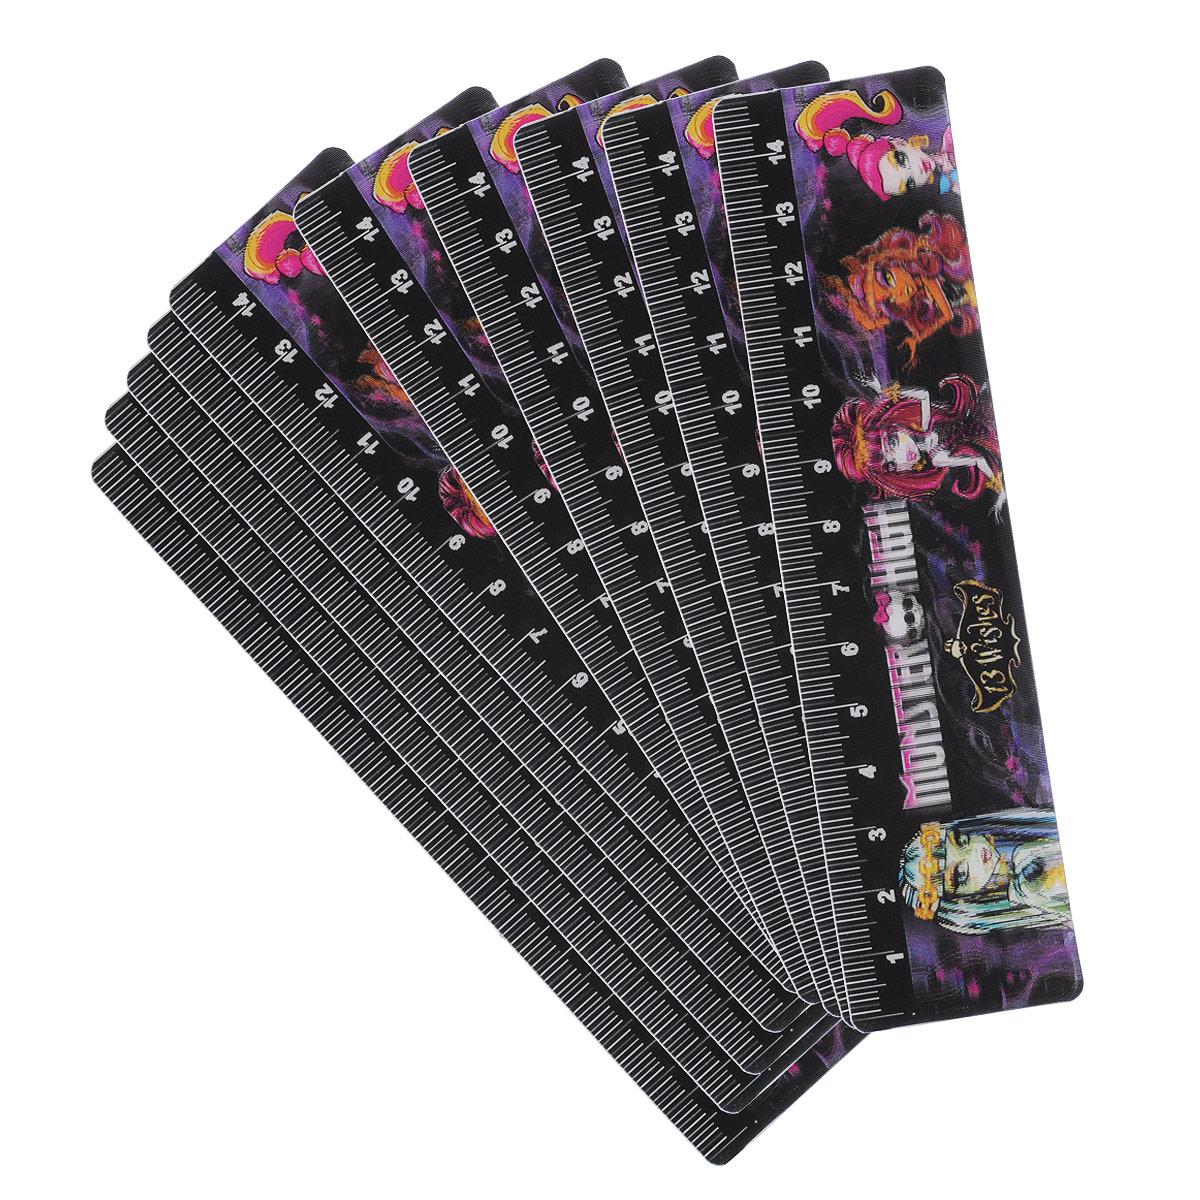 Закладка Monster High, с 3D-эффектом, 15,3 см, 10 шт